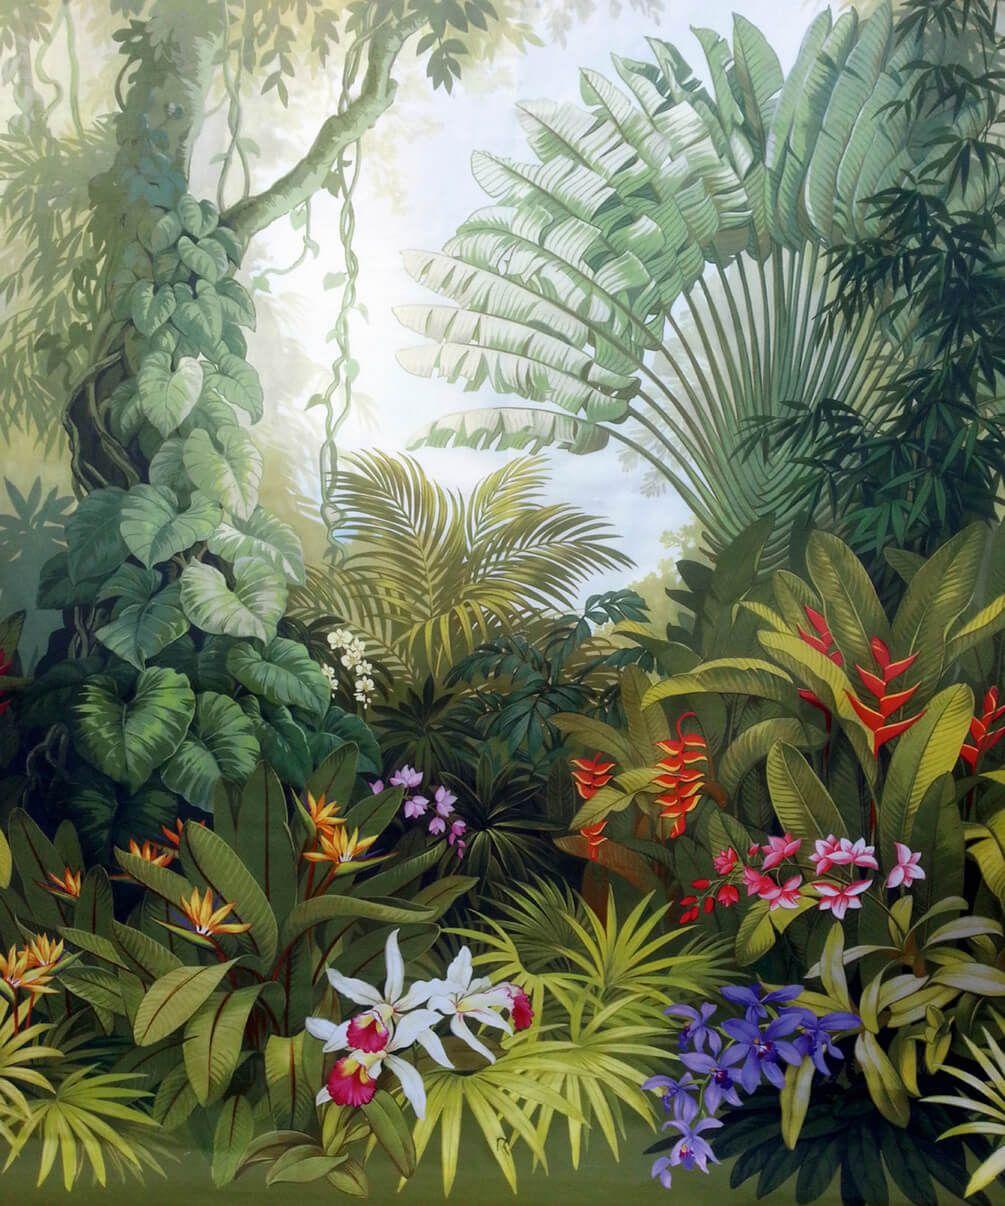 обычные плавательные картинки животные цветы яркие оазис тропики добыть один маленький